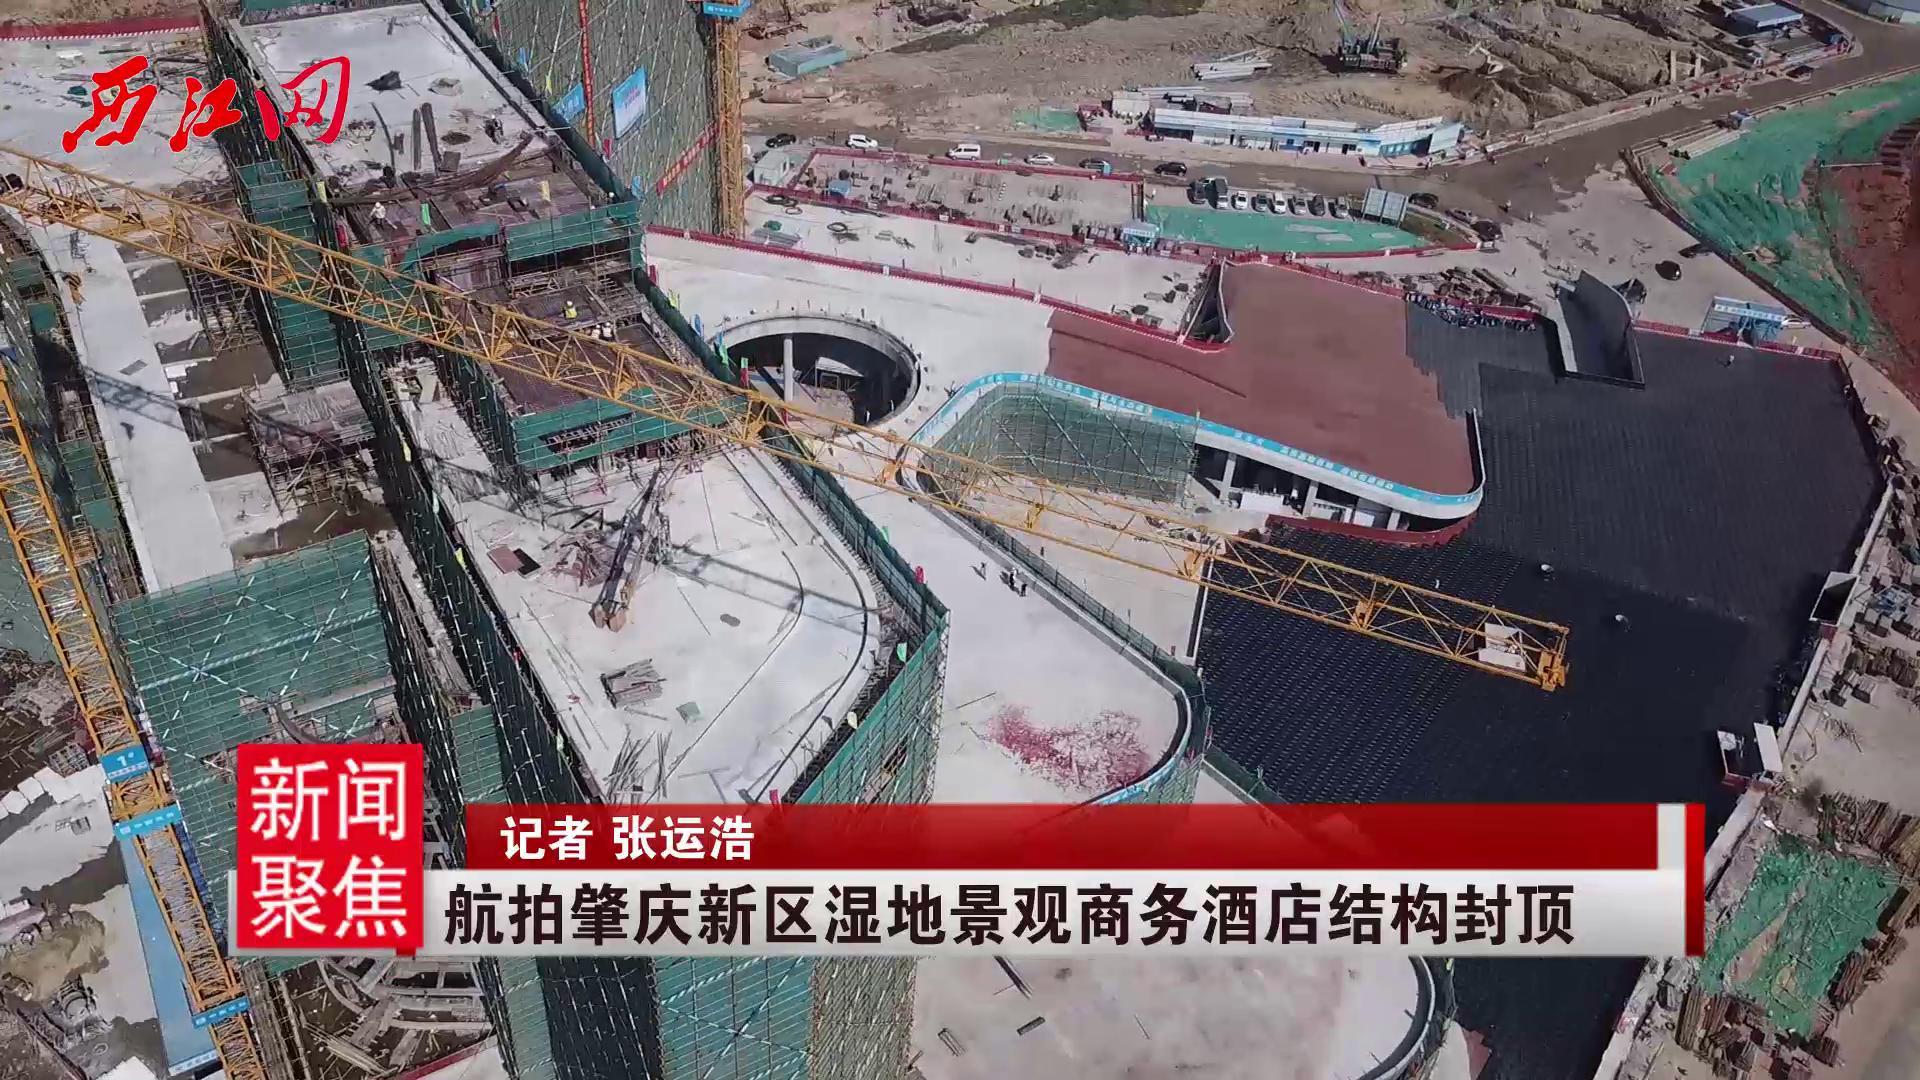 肇庆新区湿地景观商务酒店封顶航拍